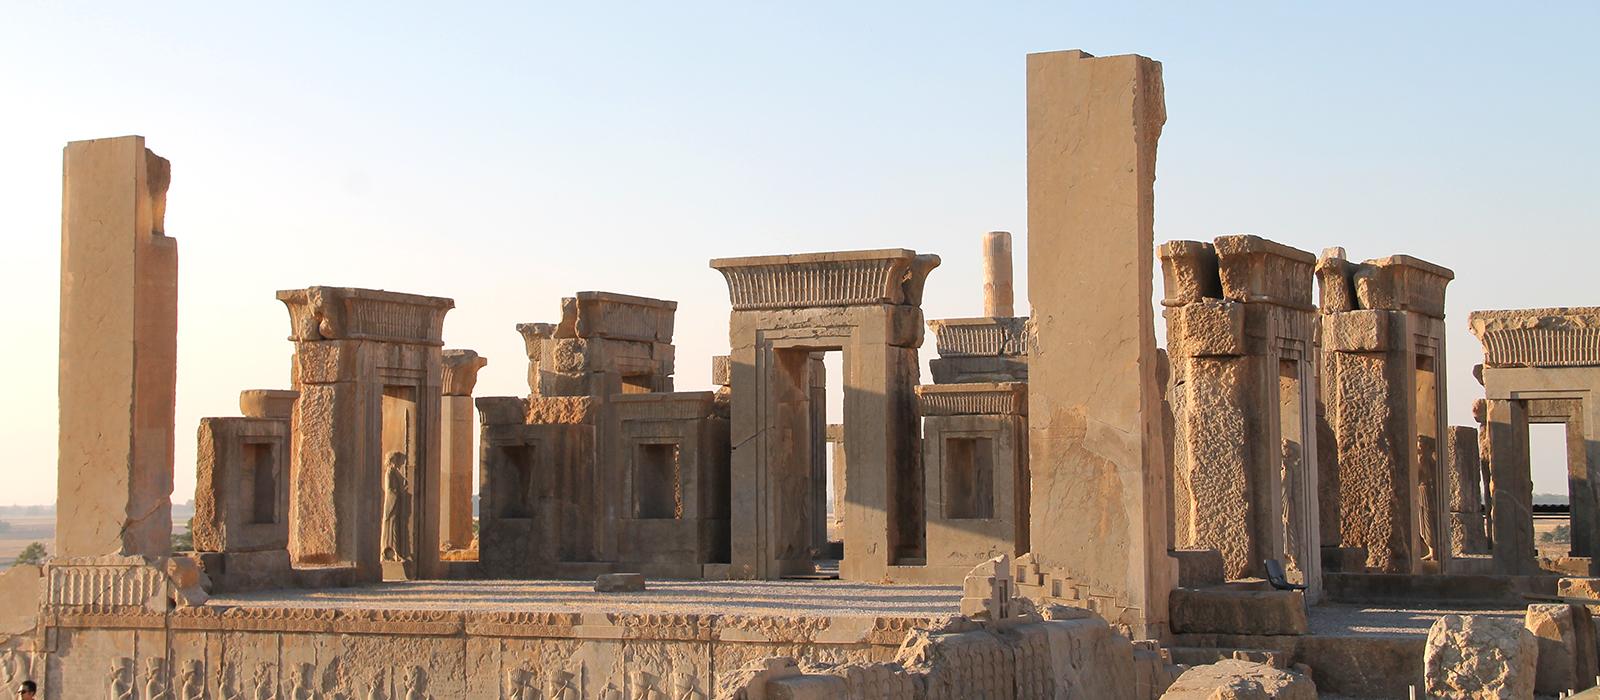 Voyage organisé en petit groupe - Persepolis - Iran - Agence de voyage Les Routes du Monde